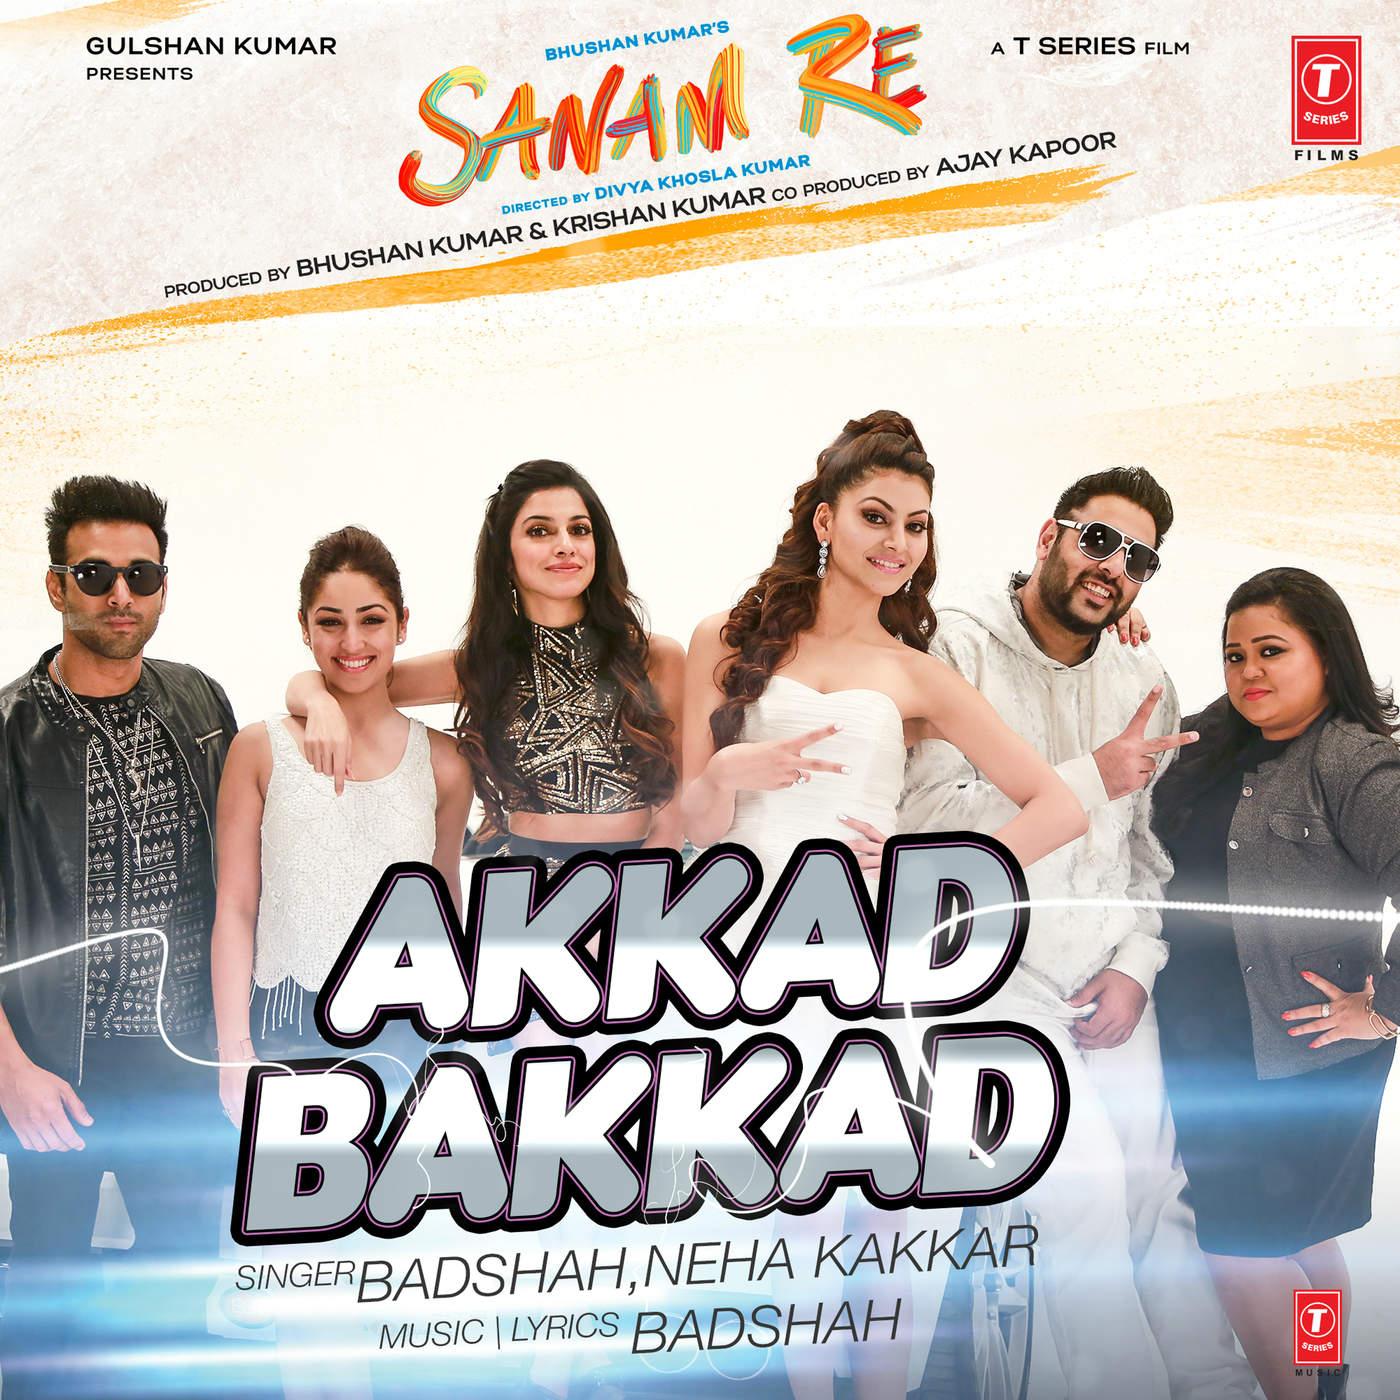 Neha Kakkar & Badshah - Akkad Bakkad - Single